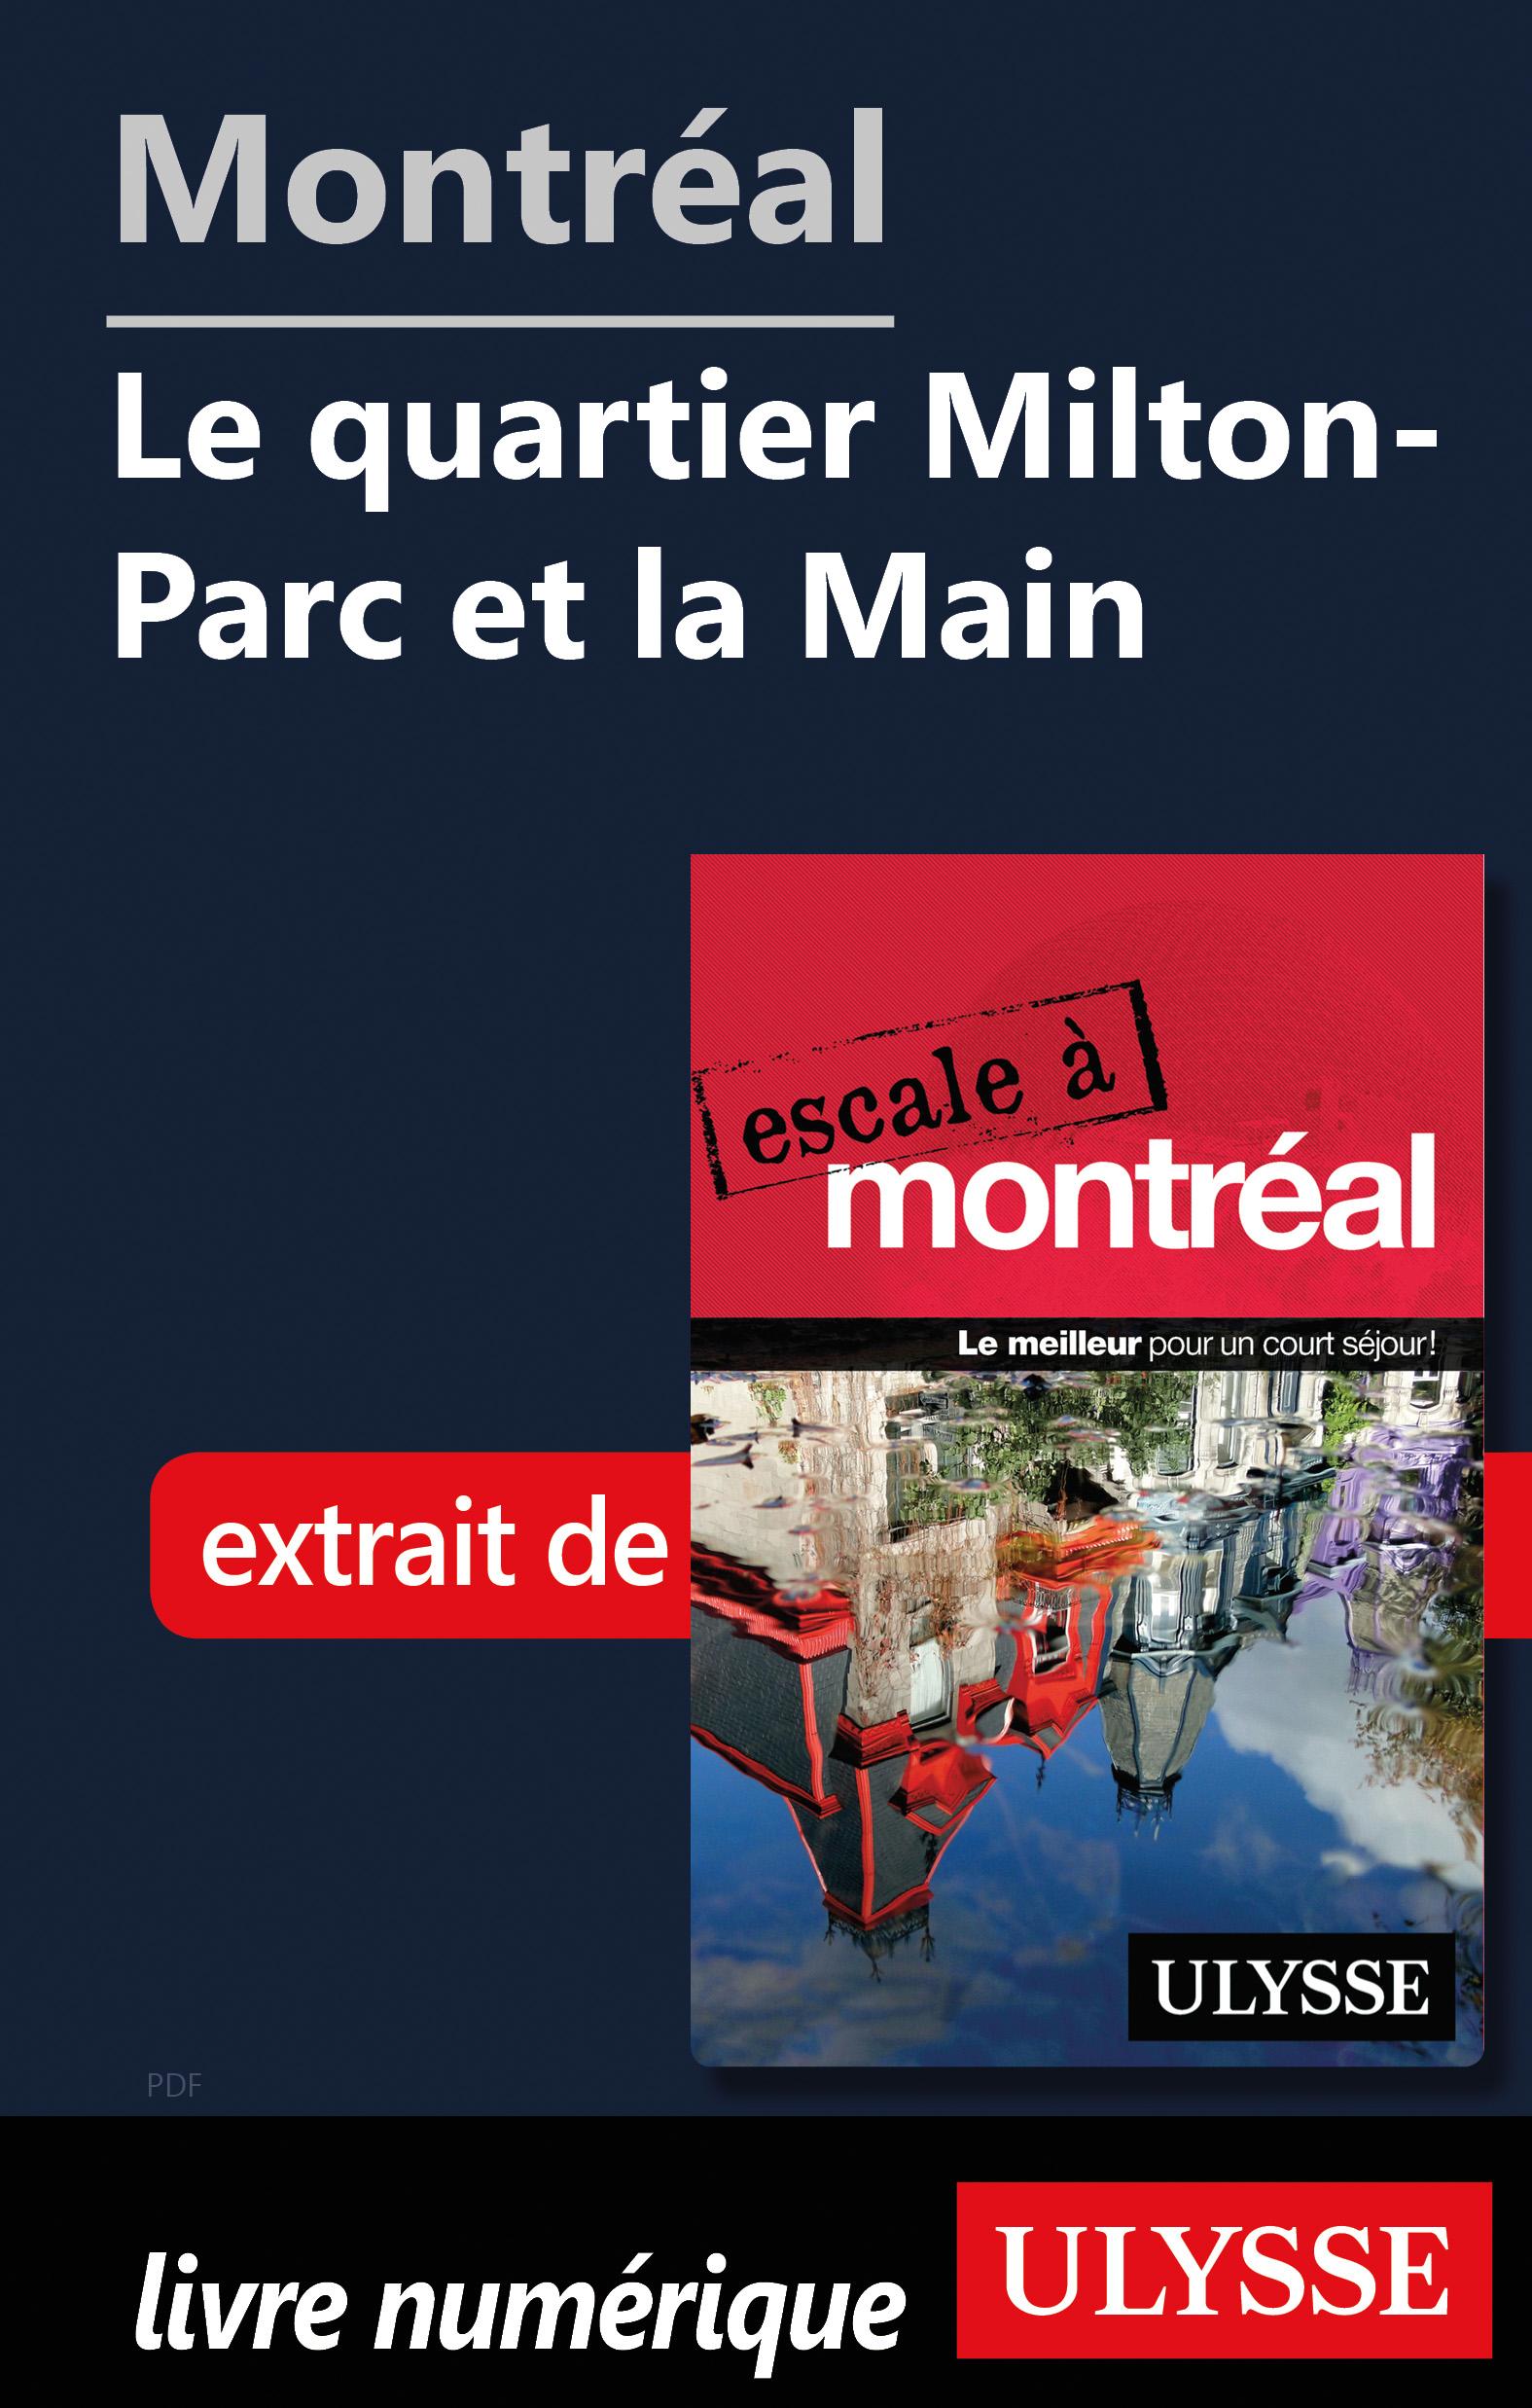 Montréal - Le quartier Milton-Parc et la Main